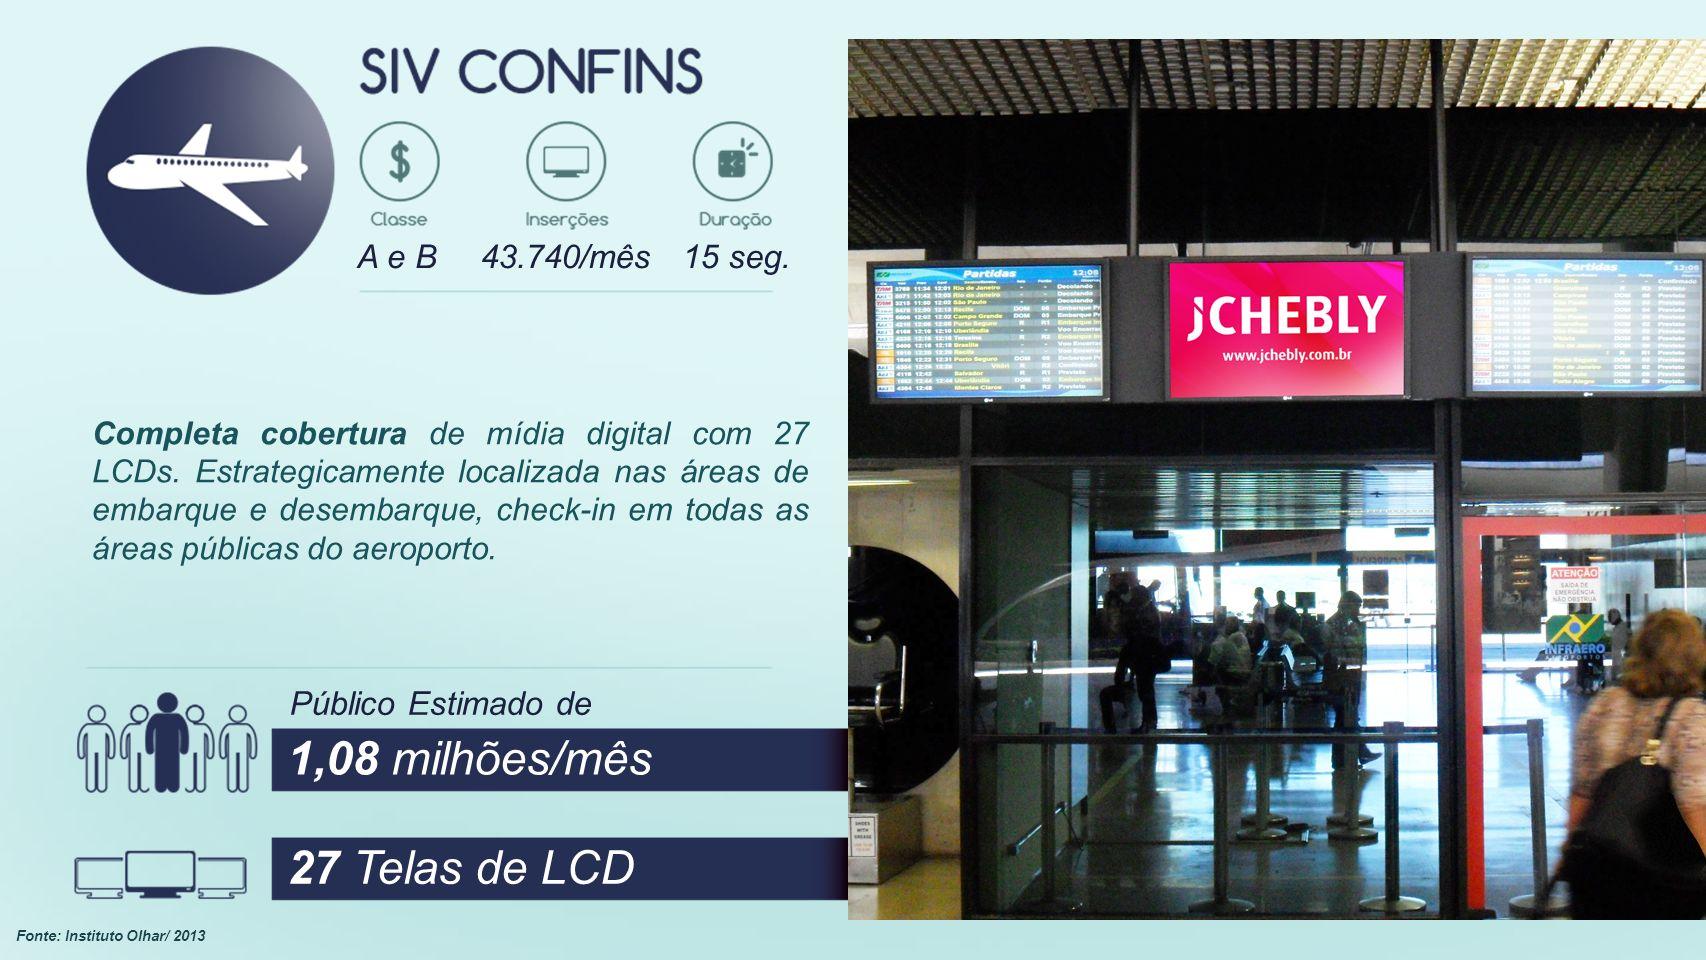 Completa cobertura de mídia digital com 27 LCDs.